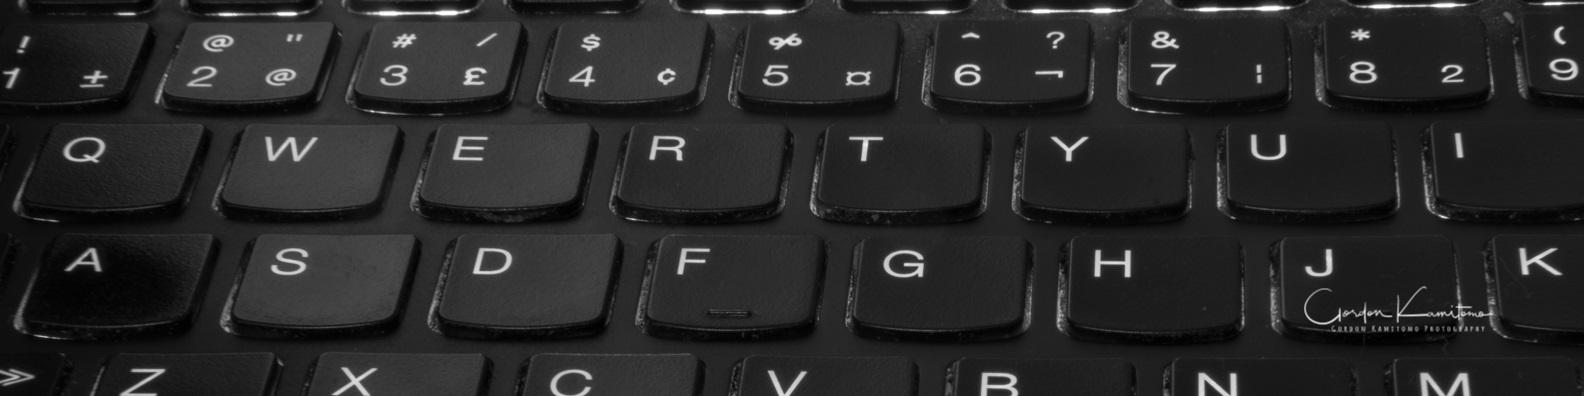 Linkedin Banner Black Keyboard Gordon Kamitomo